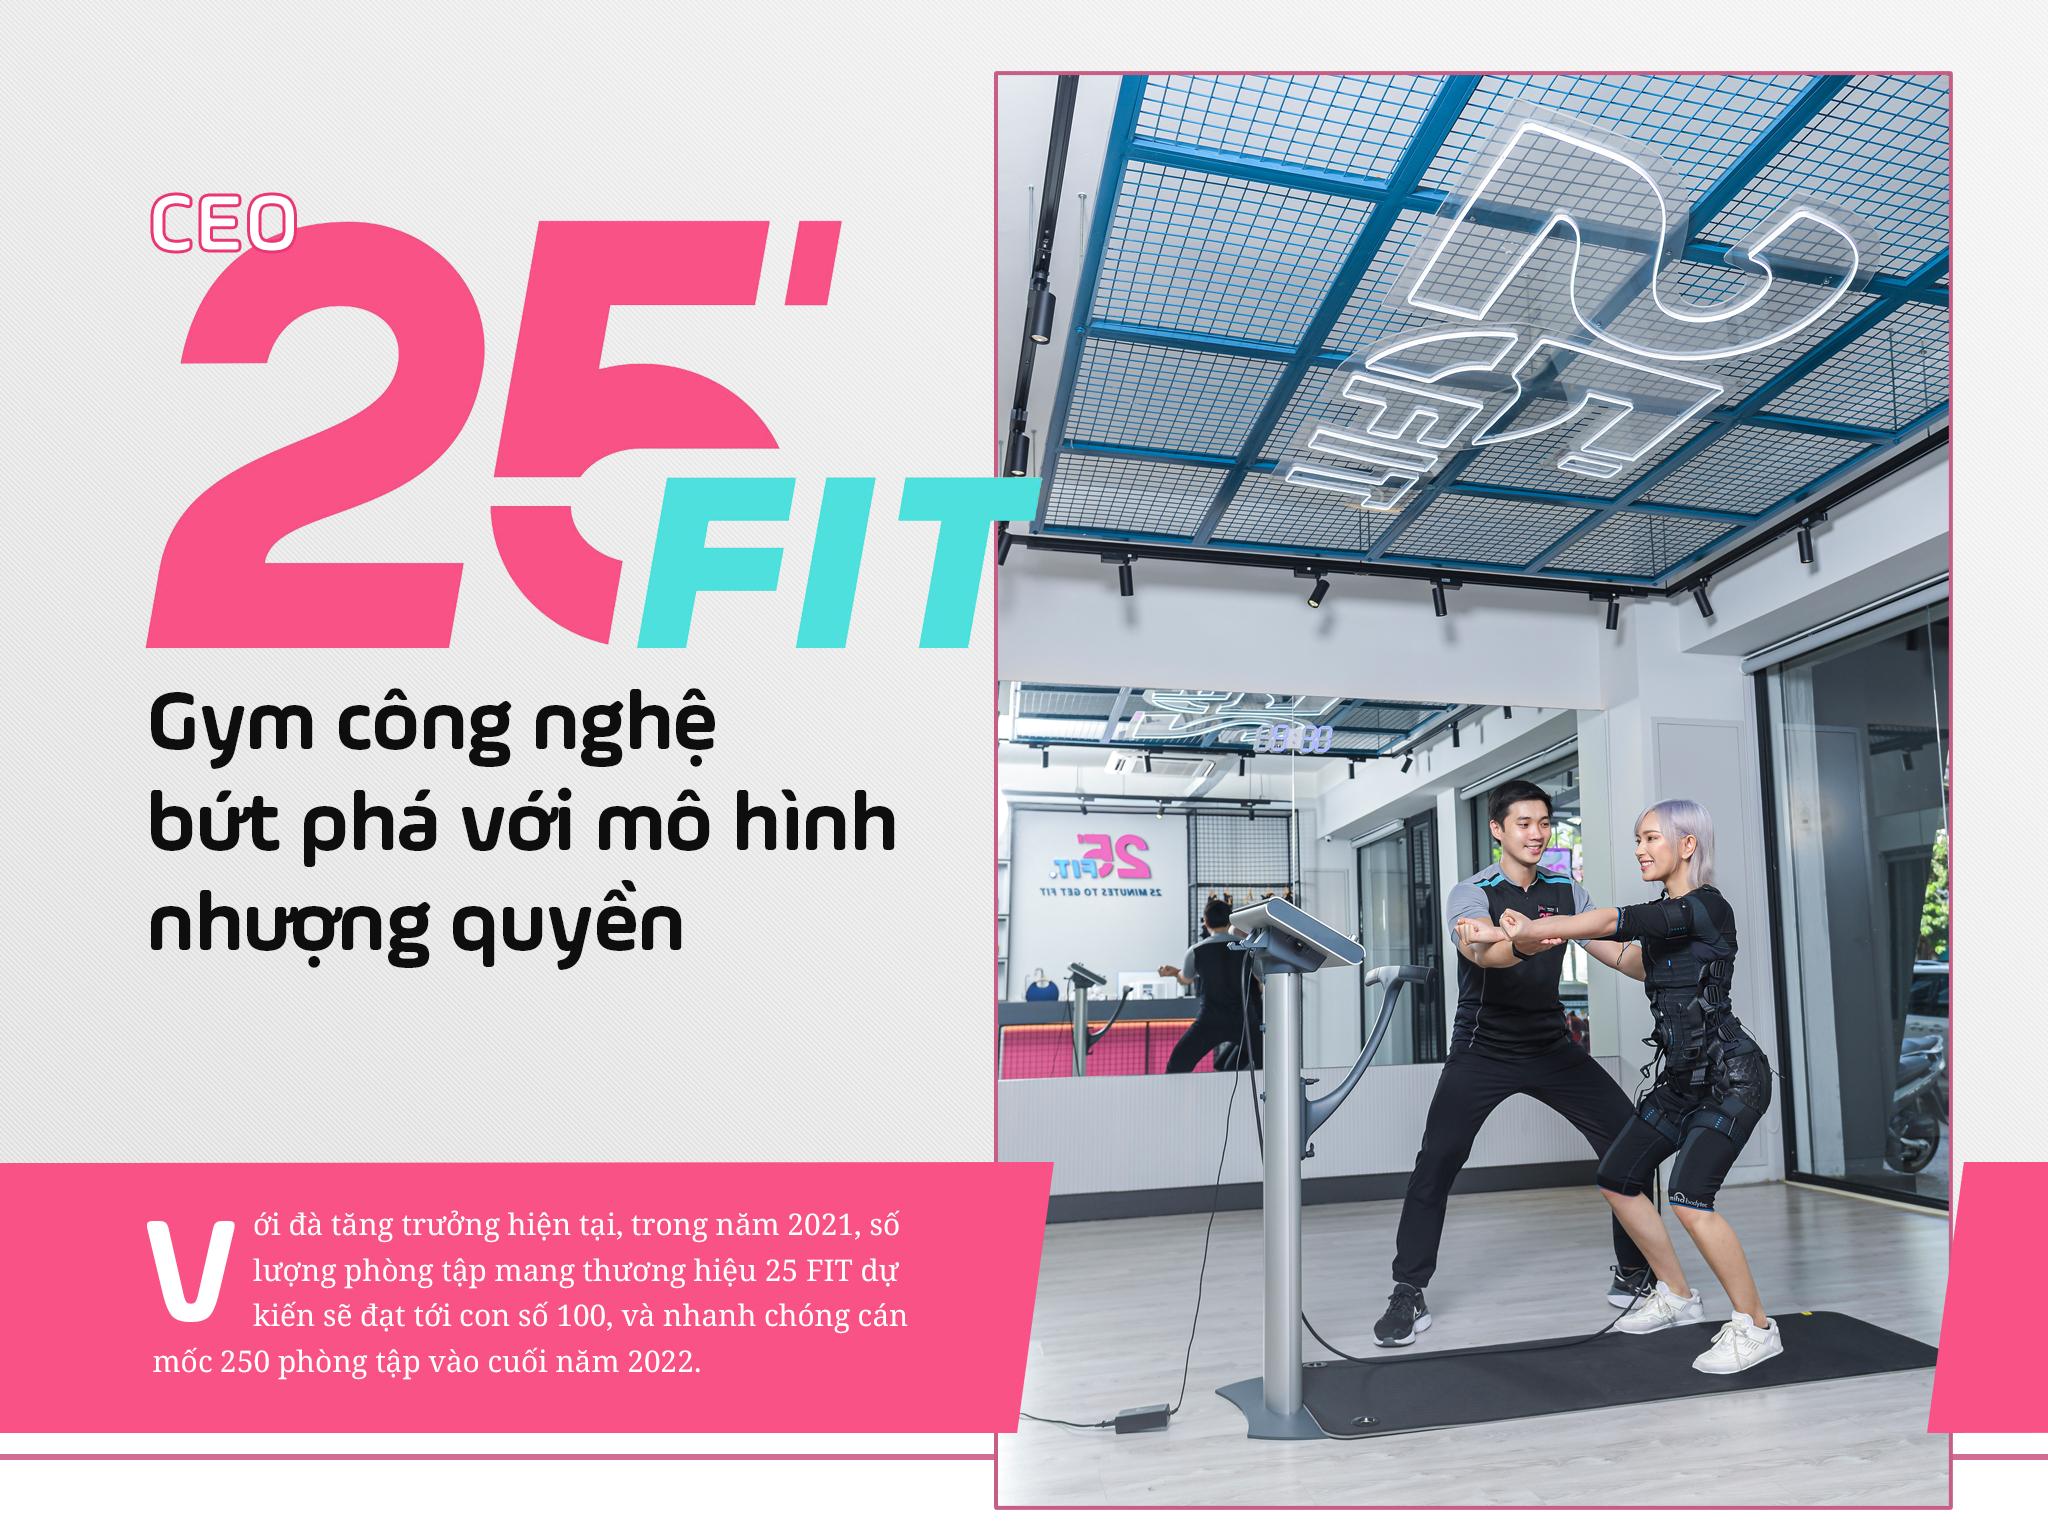 CEO 25 FIT: Gym công nghệ bứt phá với mô hình nhượng quyền